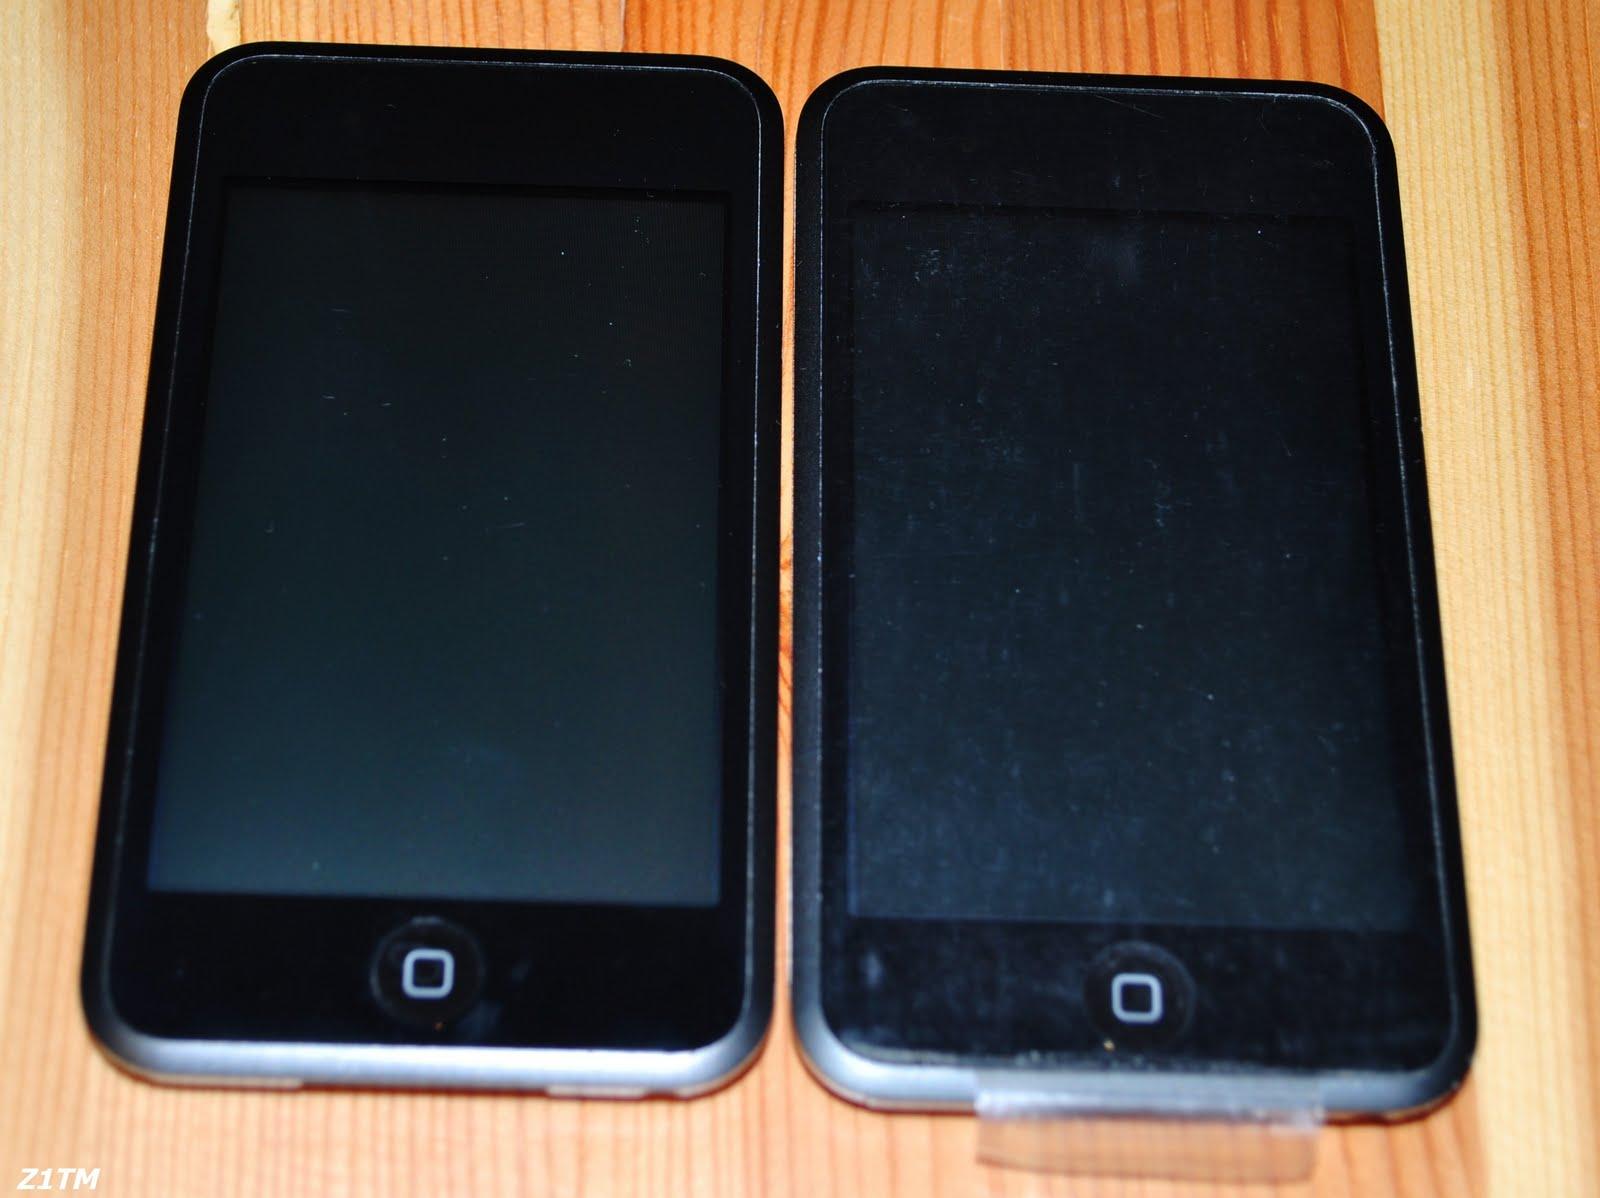 http://3.bp.blogspot.com/_RFfX1DgMv6k/TJVKL-Y4_3I/AAAAAAAAAB8/nyXwgpWwwPU/s1600/iPod+Touches.jpg